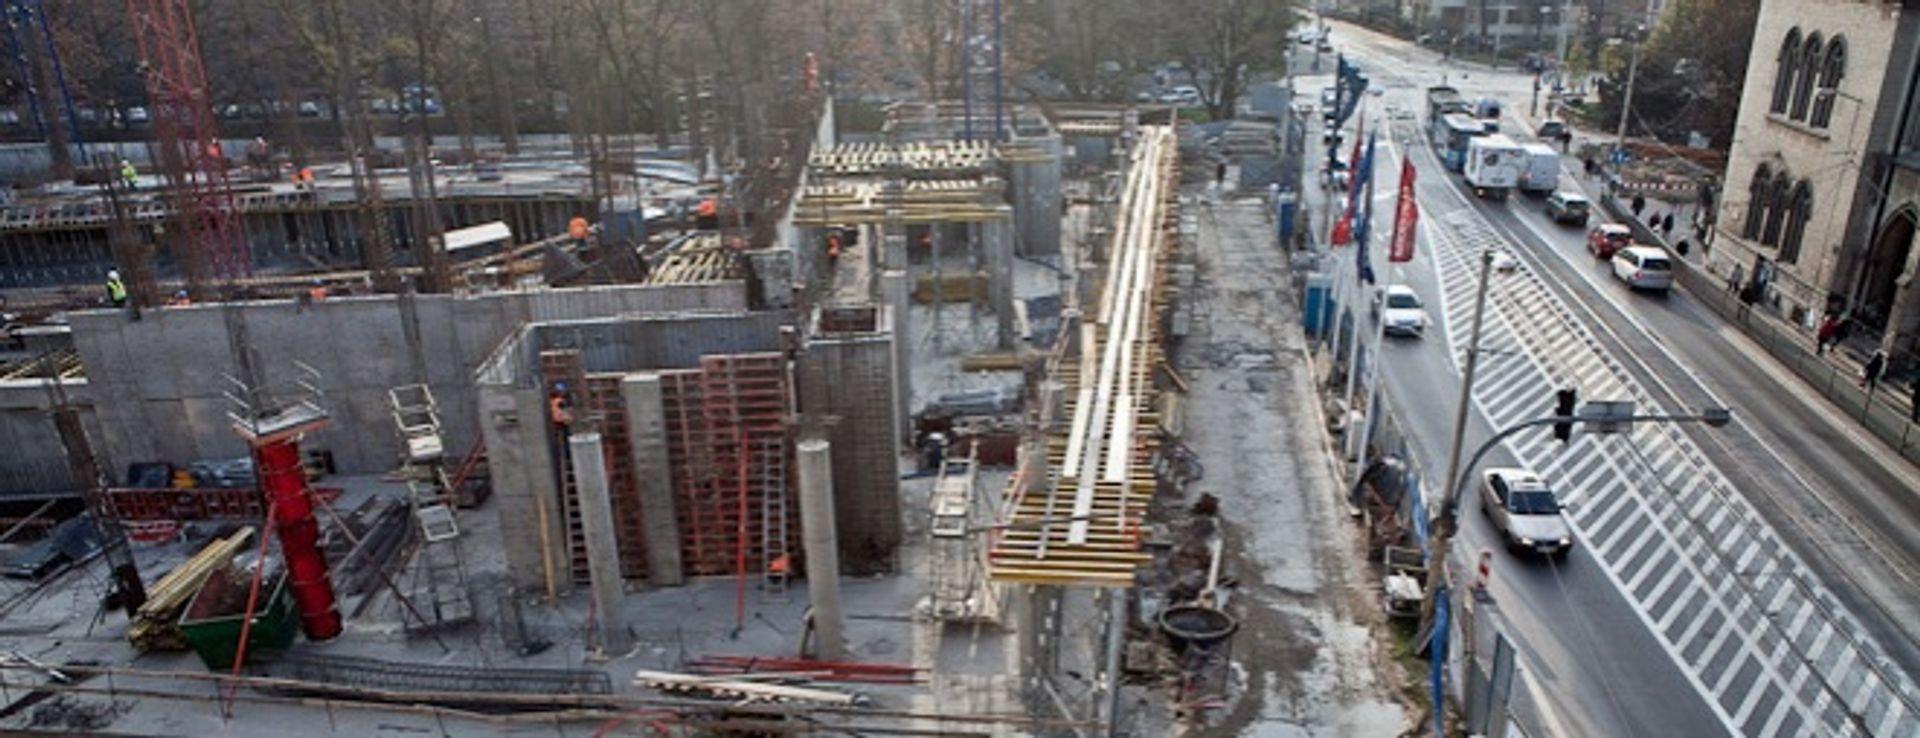 [Wrocław] Narodowe Forum Muzyki: budowa parkingu zakończona